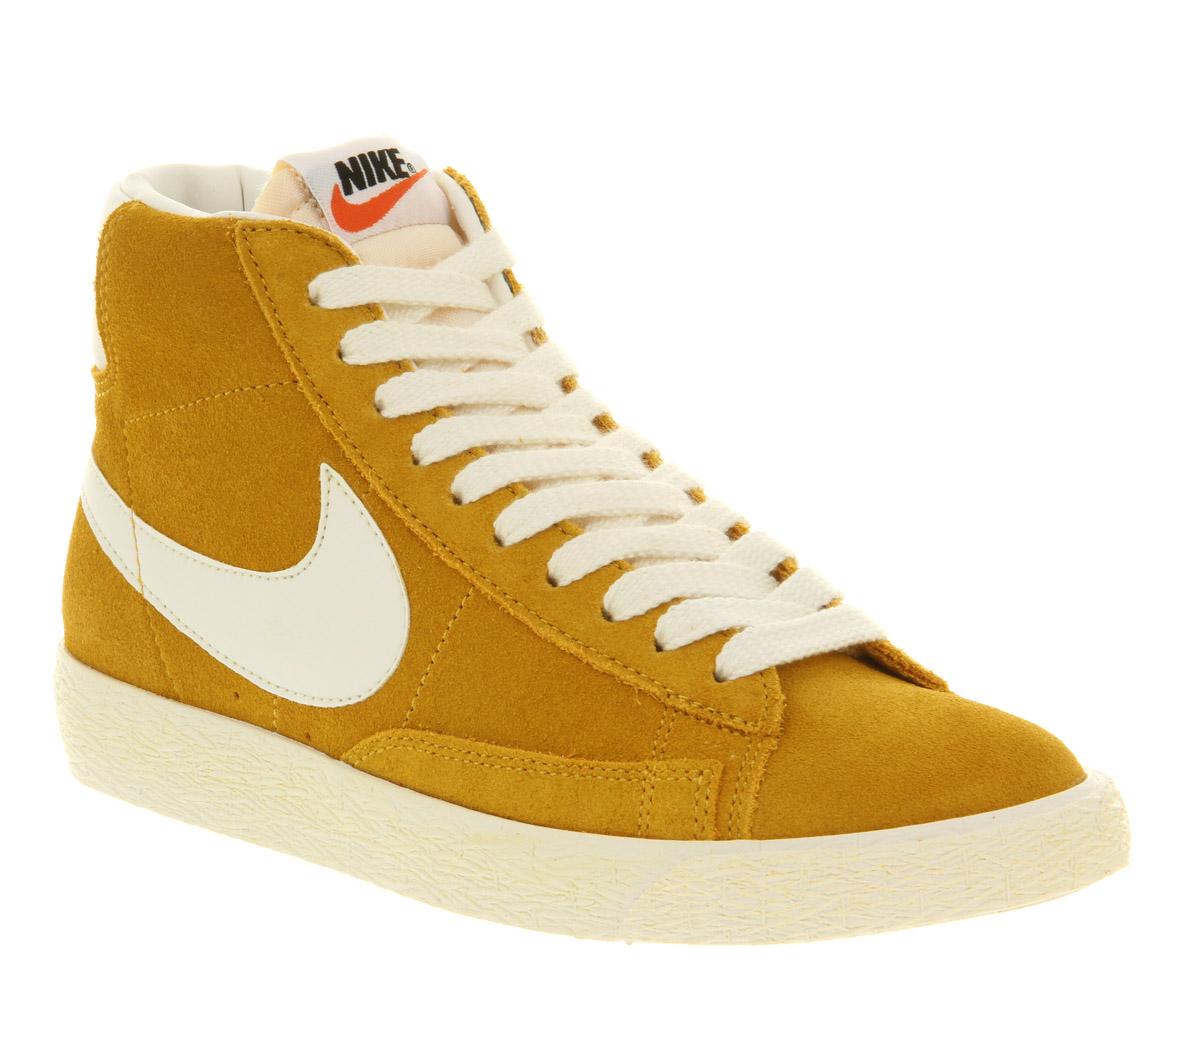 Nike Blazer Haute Suède Rouge Cru Ryder boutique d'expédition collections de dédouanement commercialisable à vendre Livraison gratuite 2015 vente oJZjgtIYf